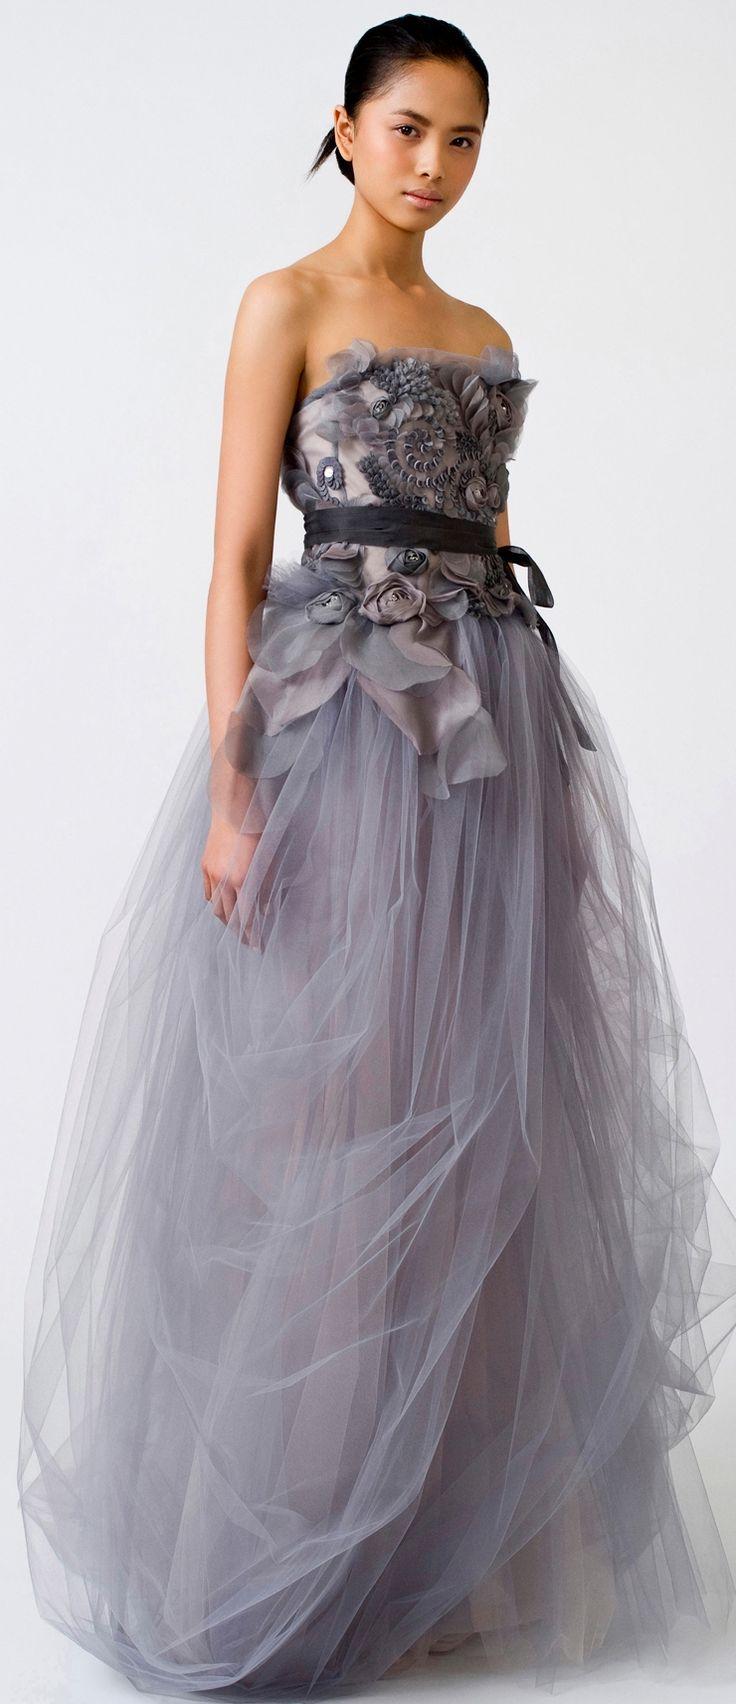 grey wedding ideas gray dresses for wedding Beautiful grey wedding dress by Vera Wang